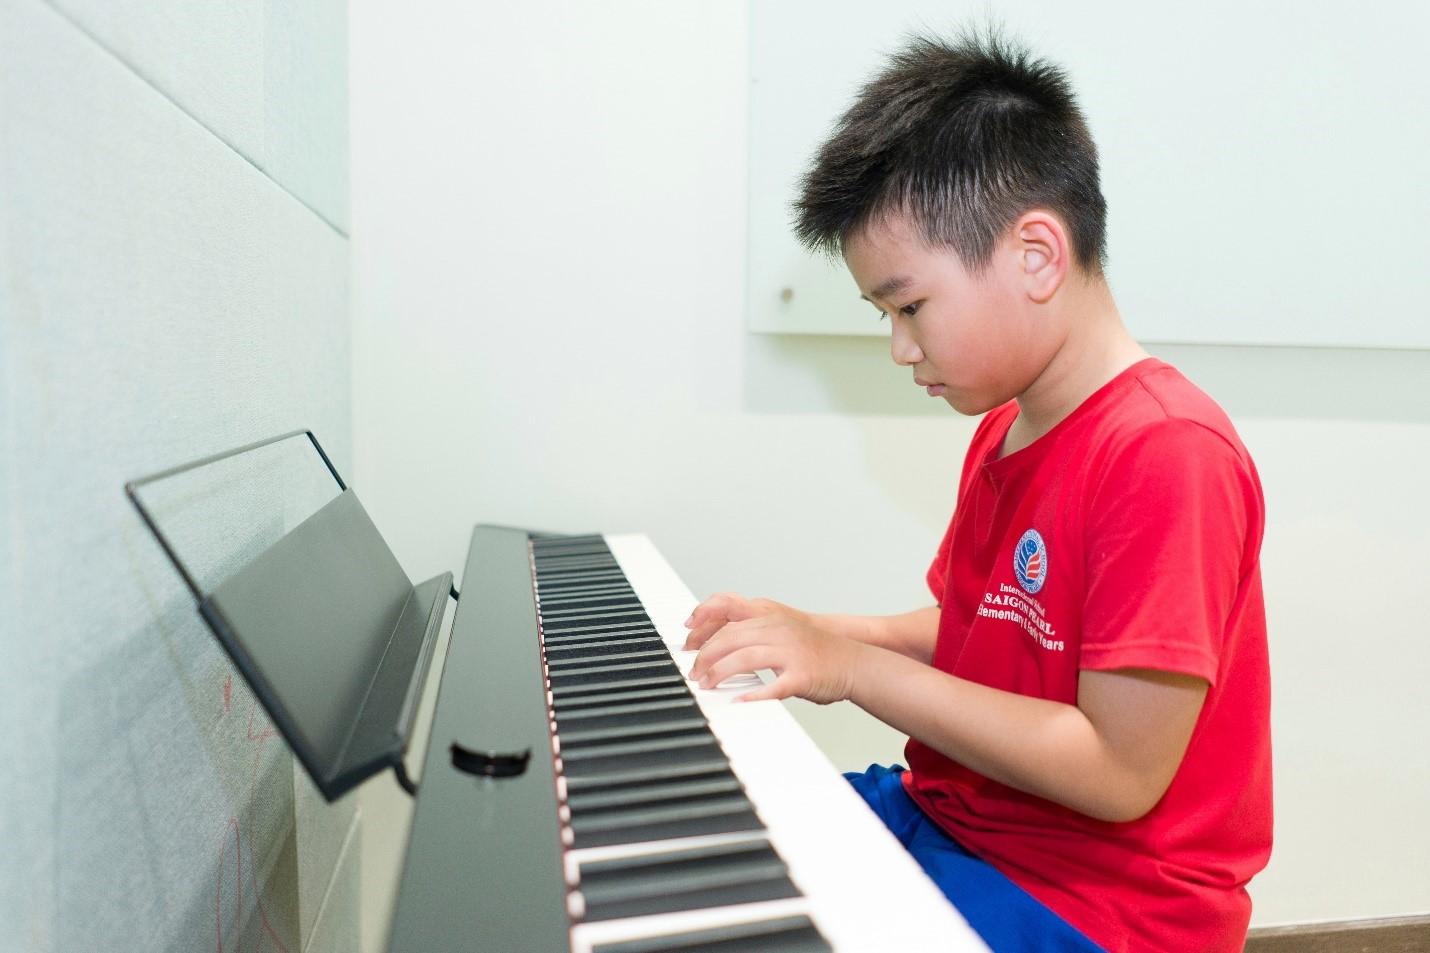 Popular music piano và Pianoforte khác nhau như thế nào?